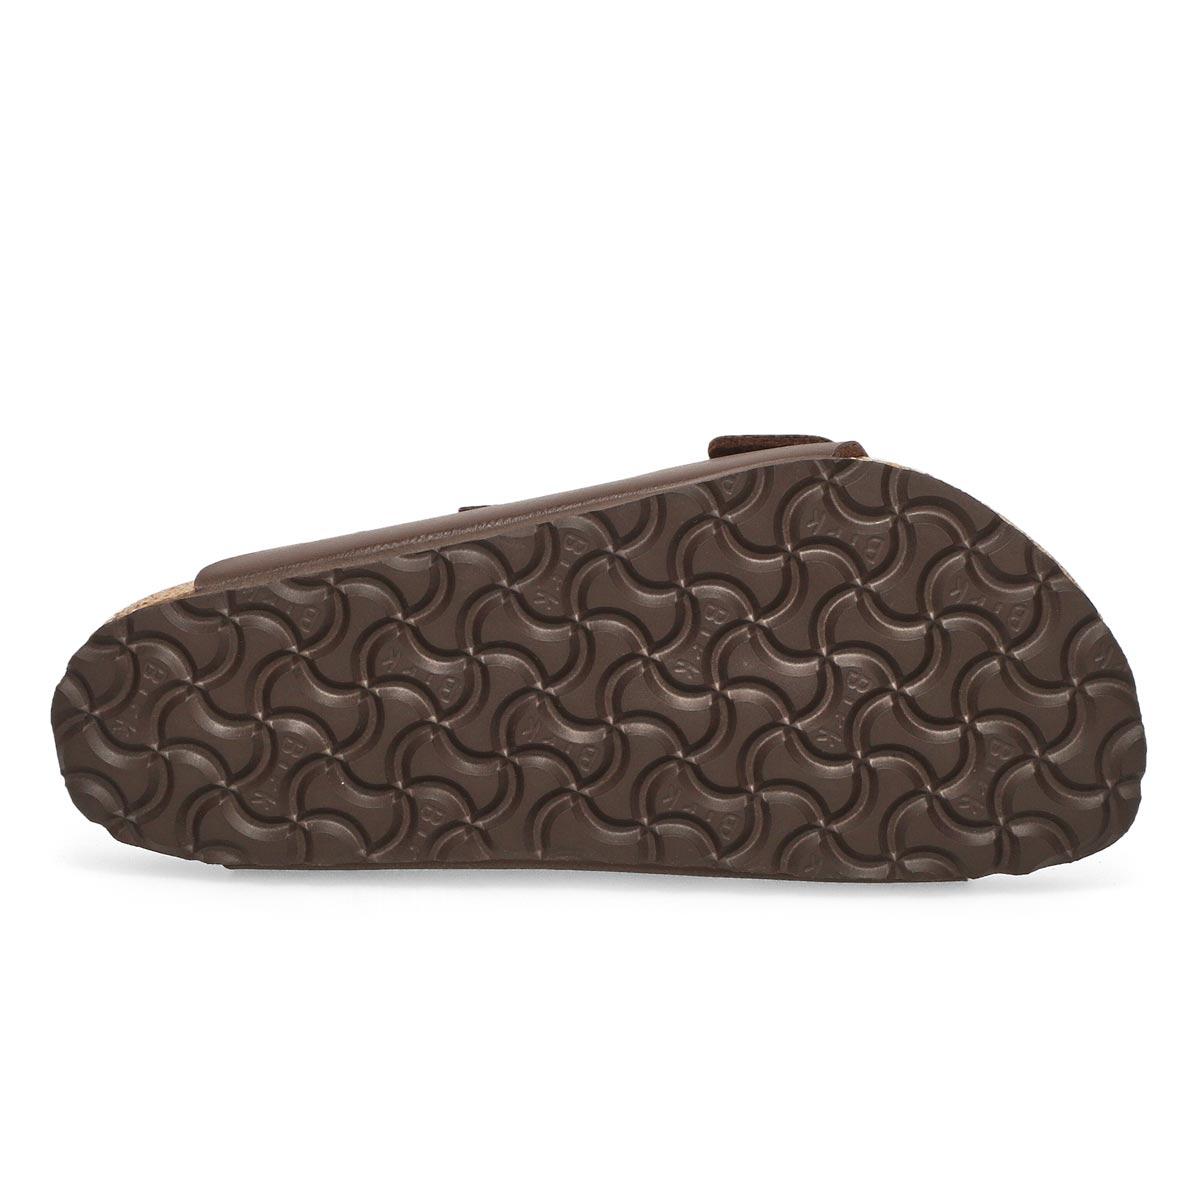 Lds Arizona SF brown 2 strap sandal